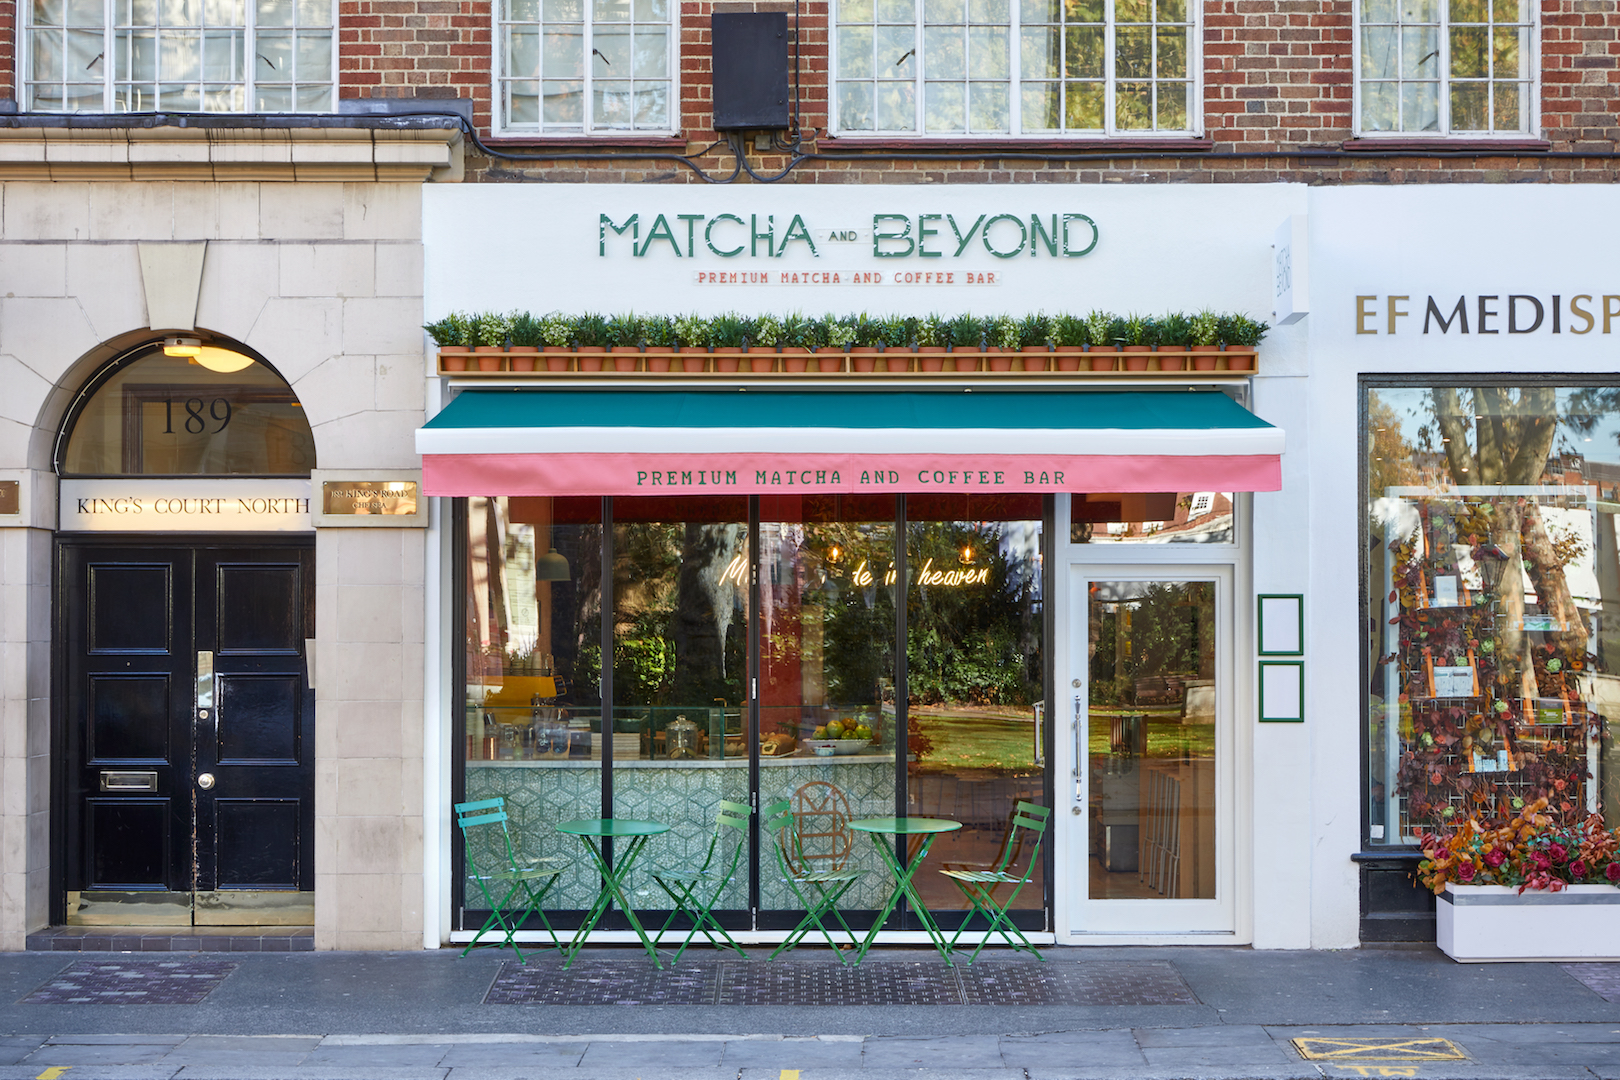 Matcha and Beyond